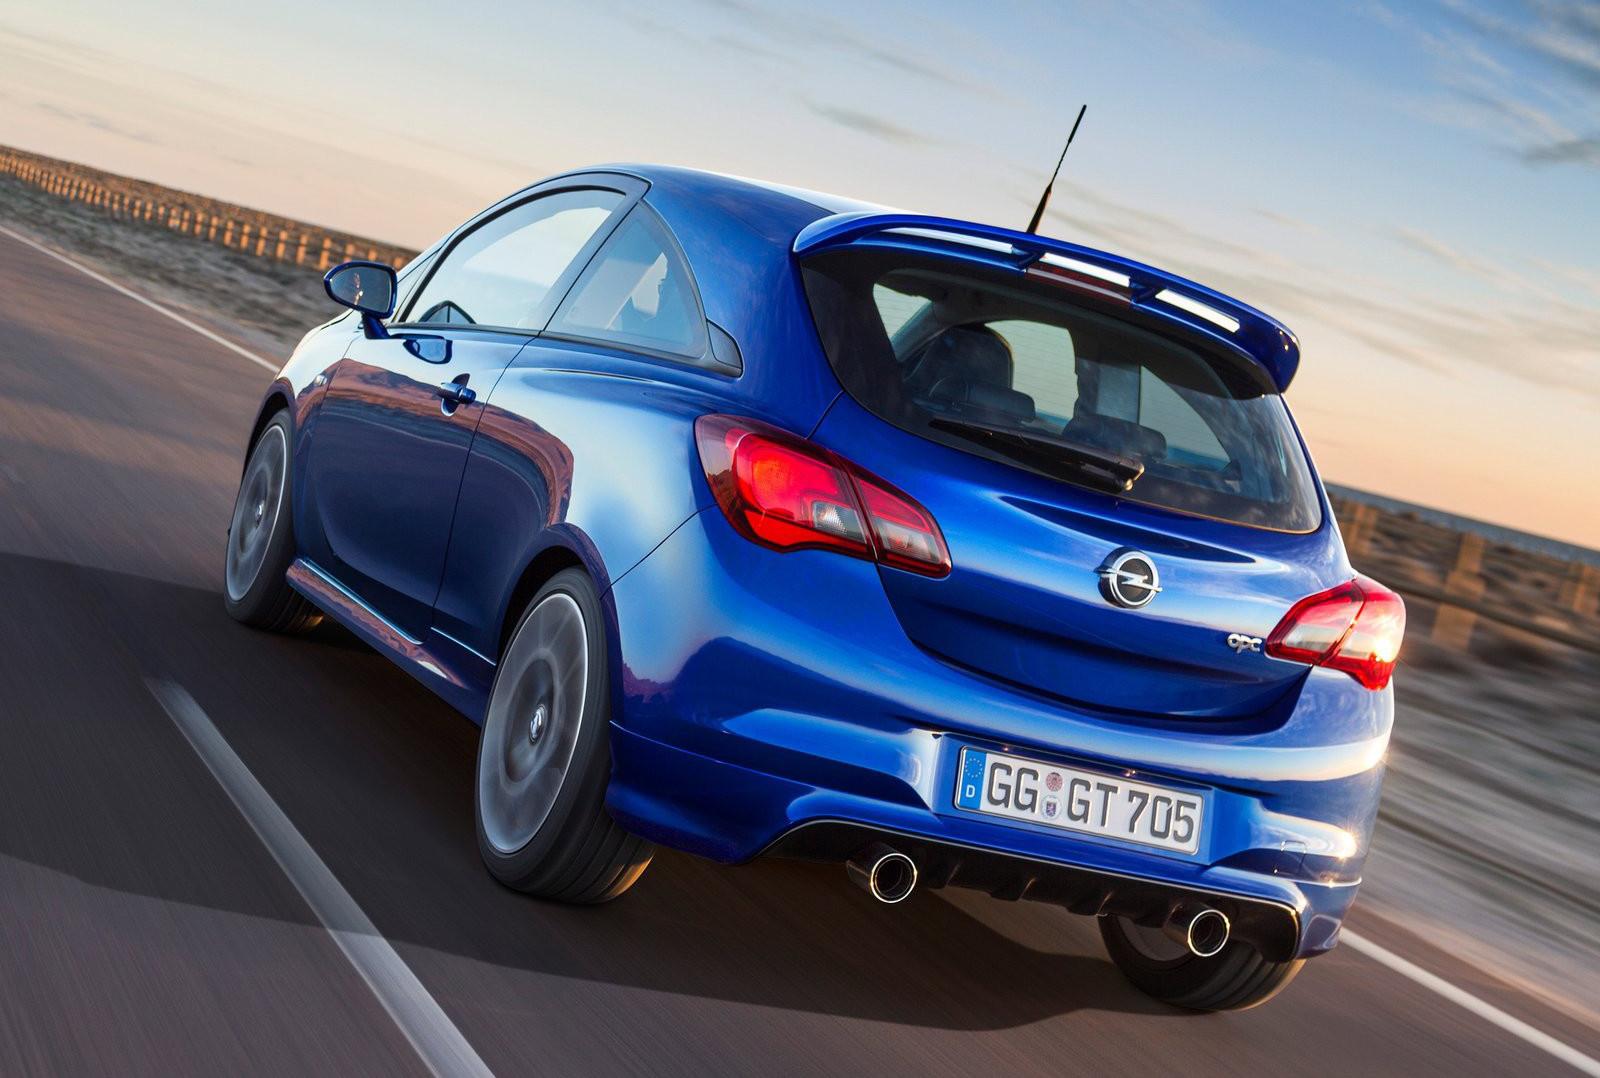 Opel Corsa (comparativa)